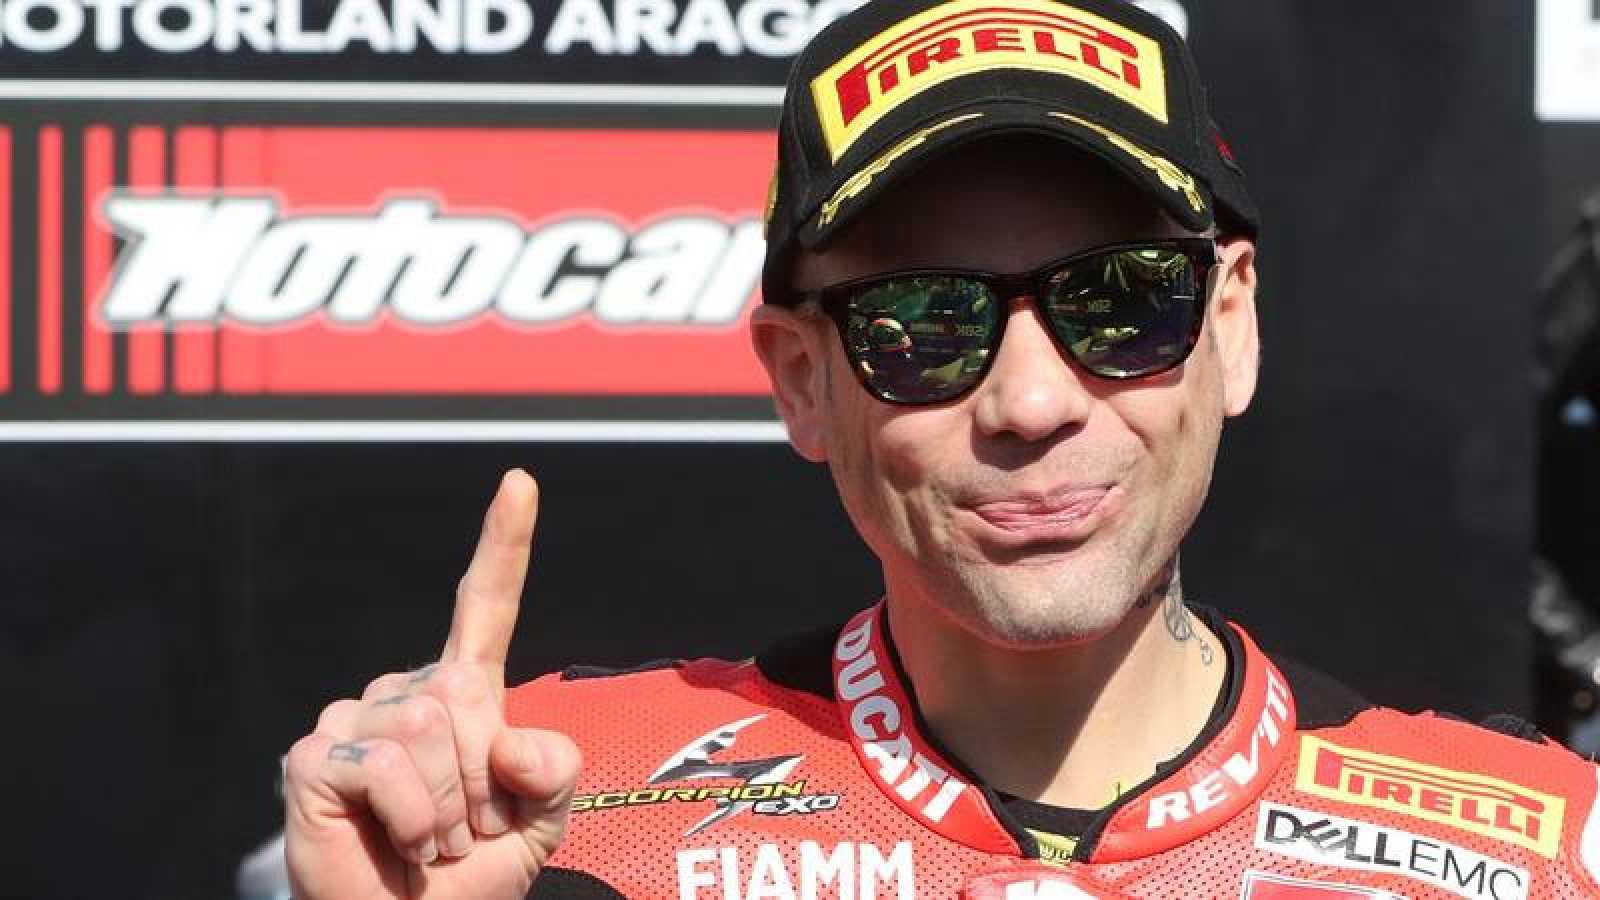 Honda ficha a Álvaro Bautista en su regreso a Superbike como equipo oficial